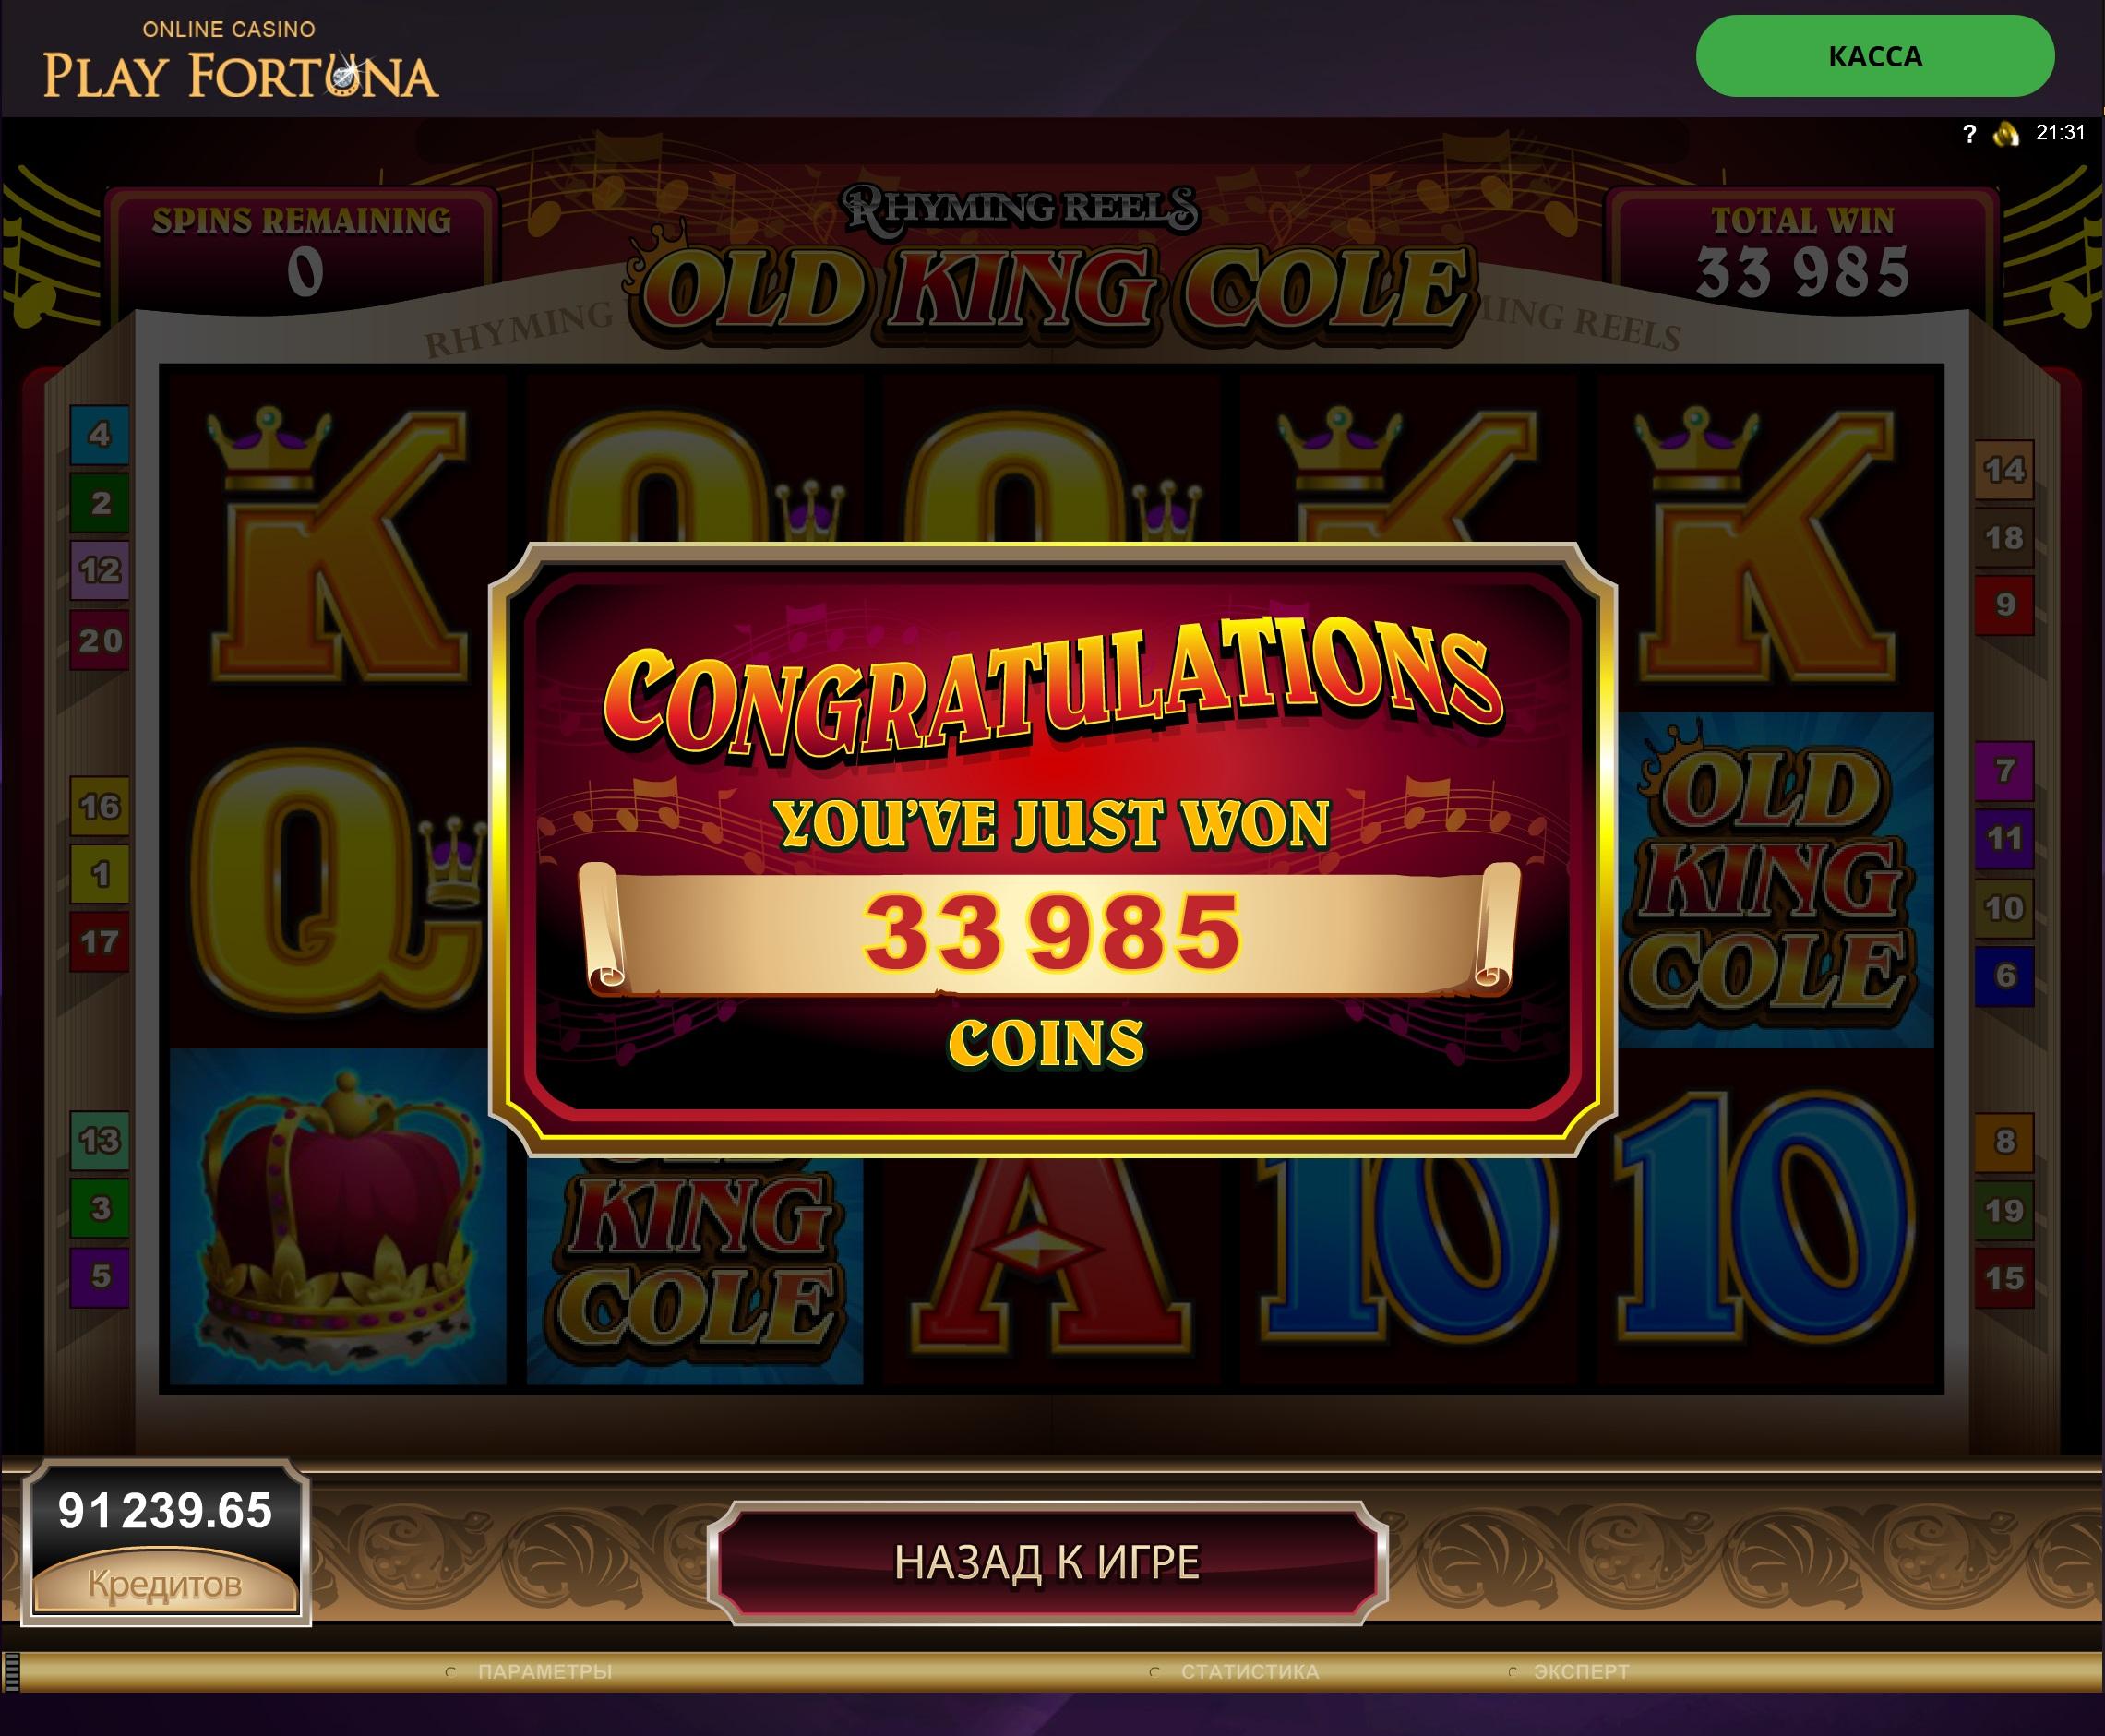 официальный сайт play fortuna казино онлайн играть бесплатно